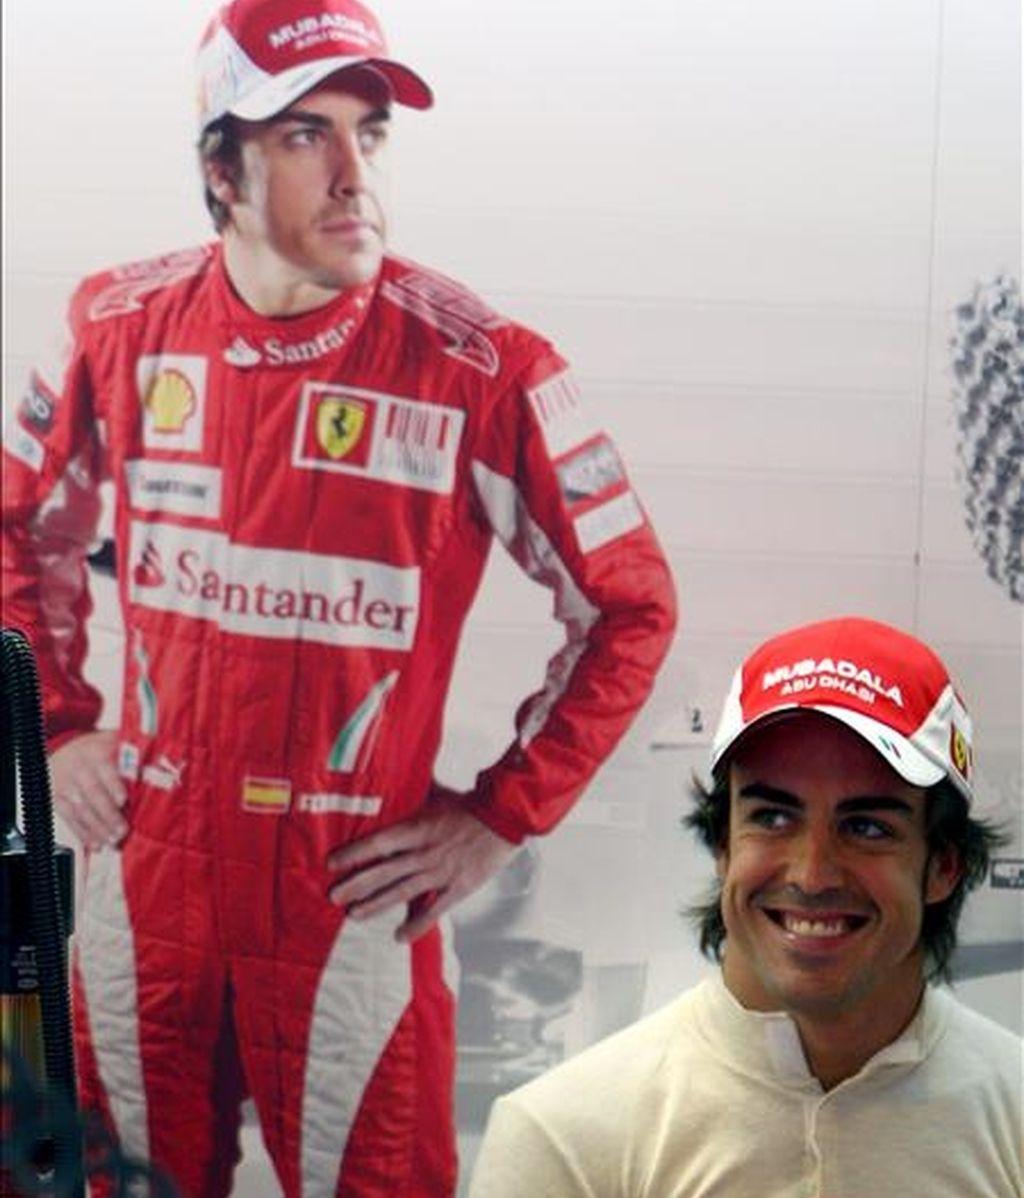 El piloto español de Fórmula Uno Fernando Alonso, de Ferrari, sonríe durante la primera sesión de entrenamientos libres en el circuito Hungaroring en Mogyorod, al noreste de Budapest (Hungría). EFE